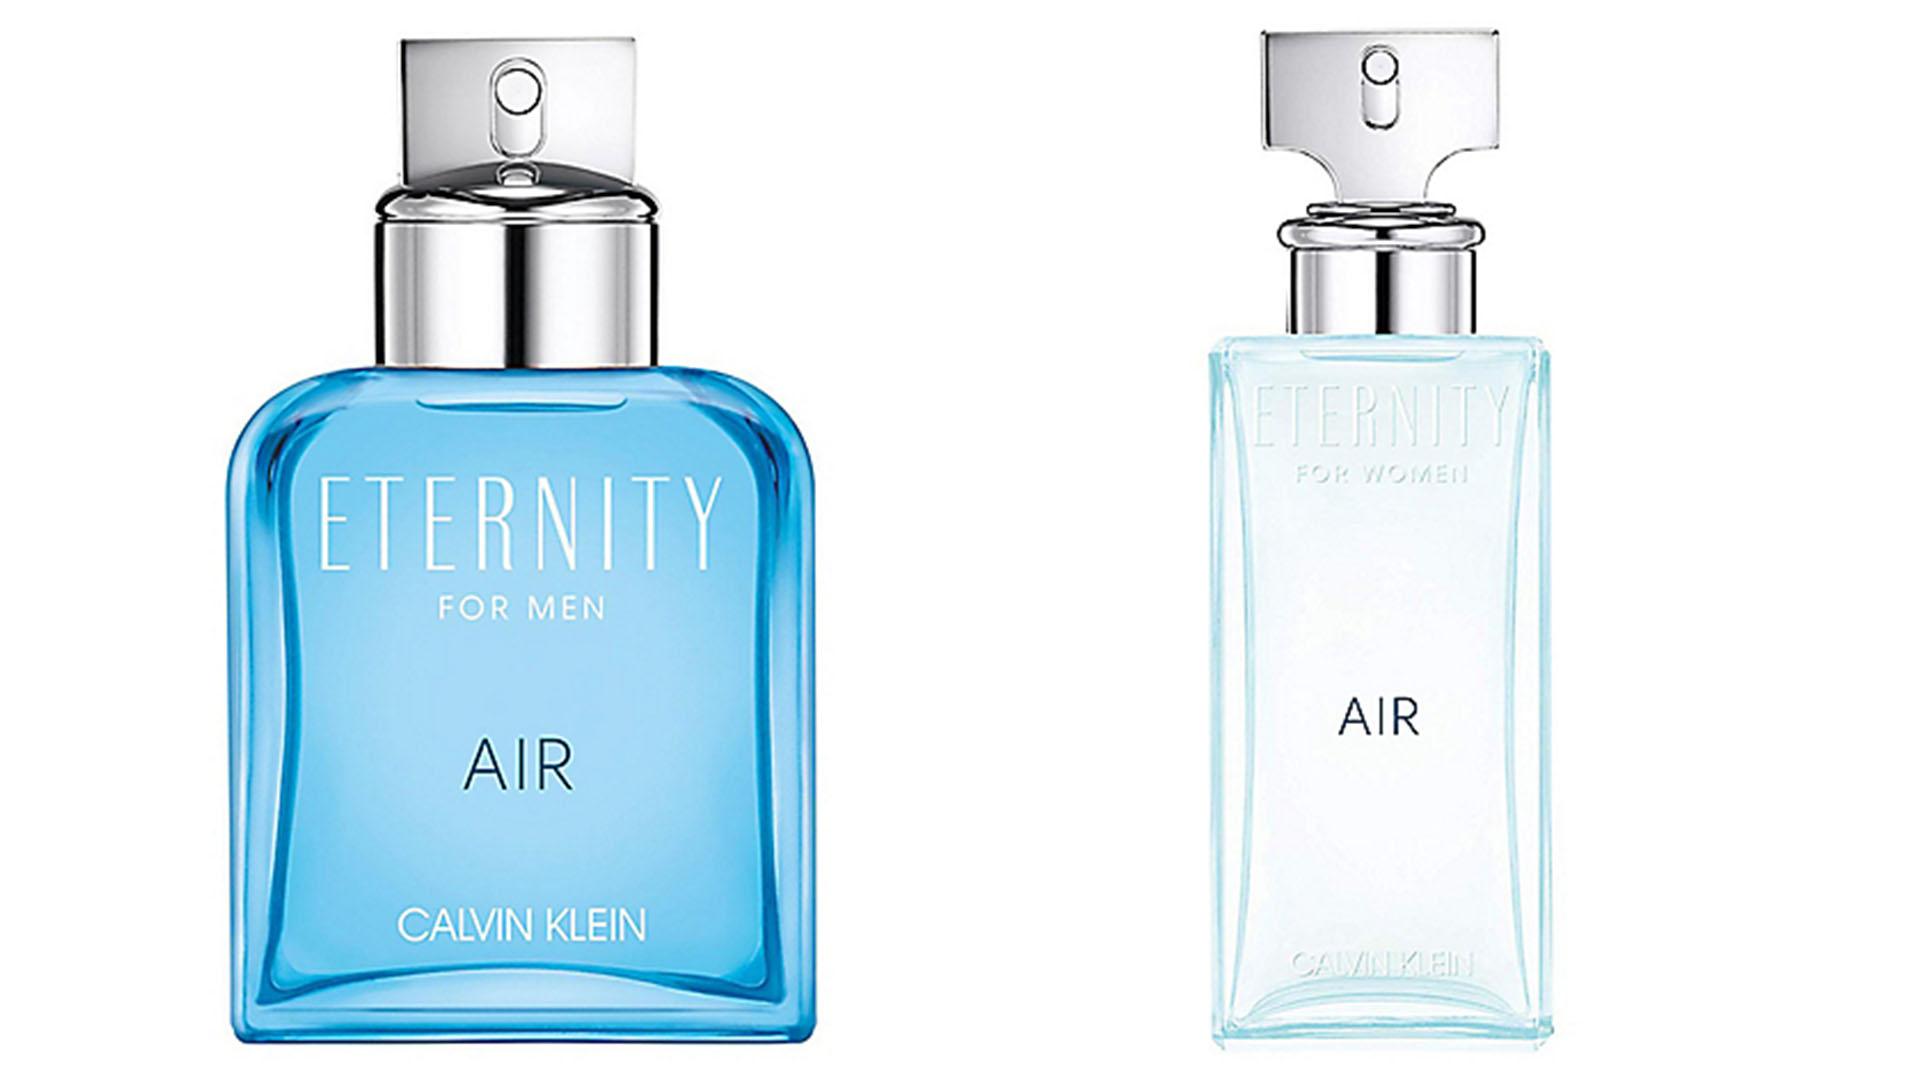 Perfume importado de primera marca: la versión masculina de 50 ml cuesta $3.250 mientras que la femenina $ 3.600